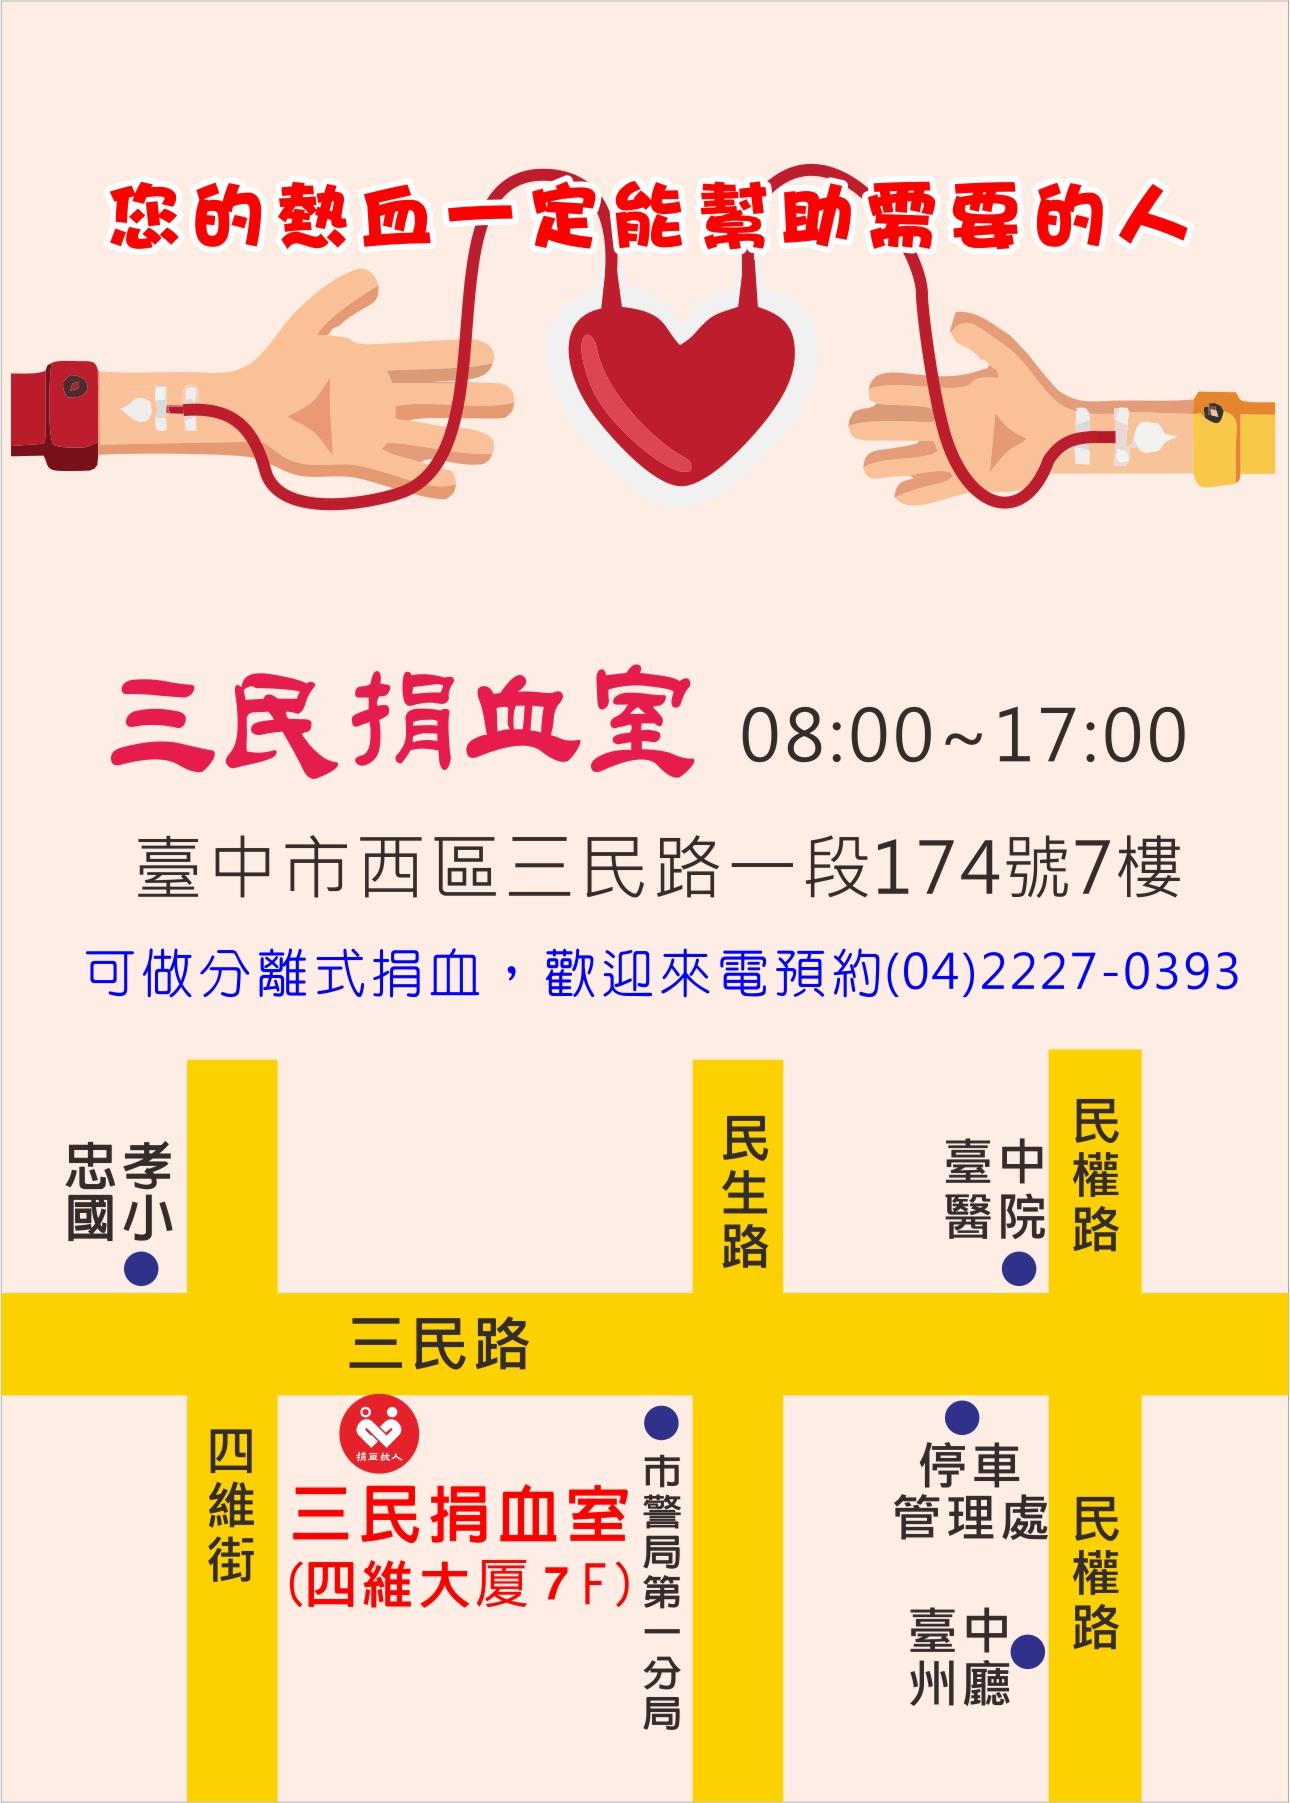 三民捐血室(可做分離式捐血)